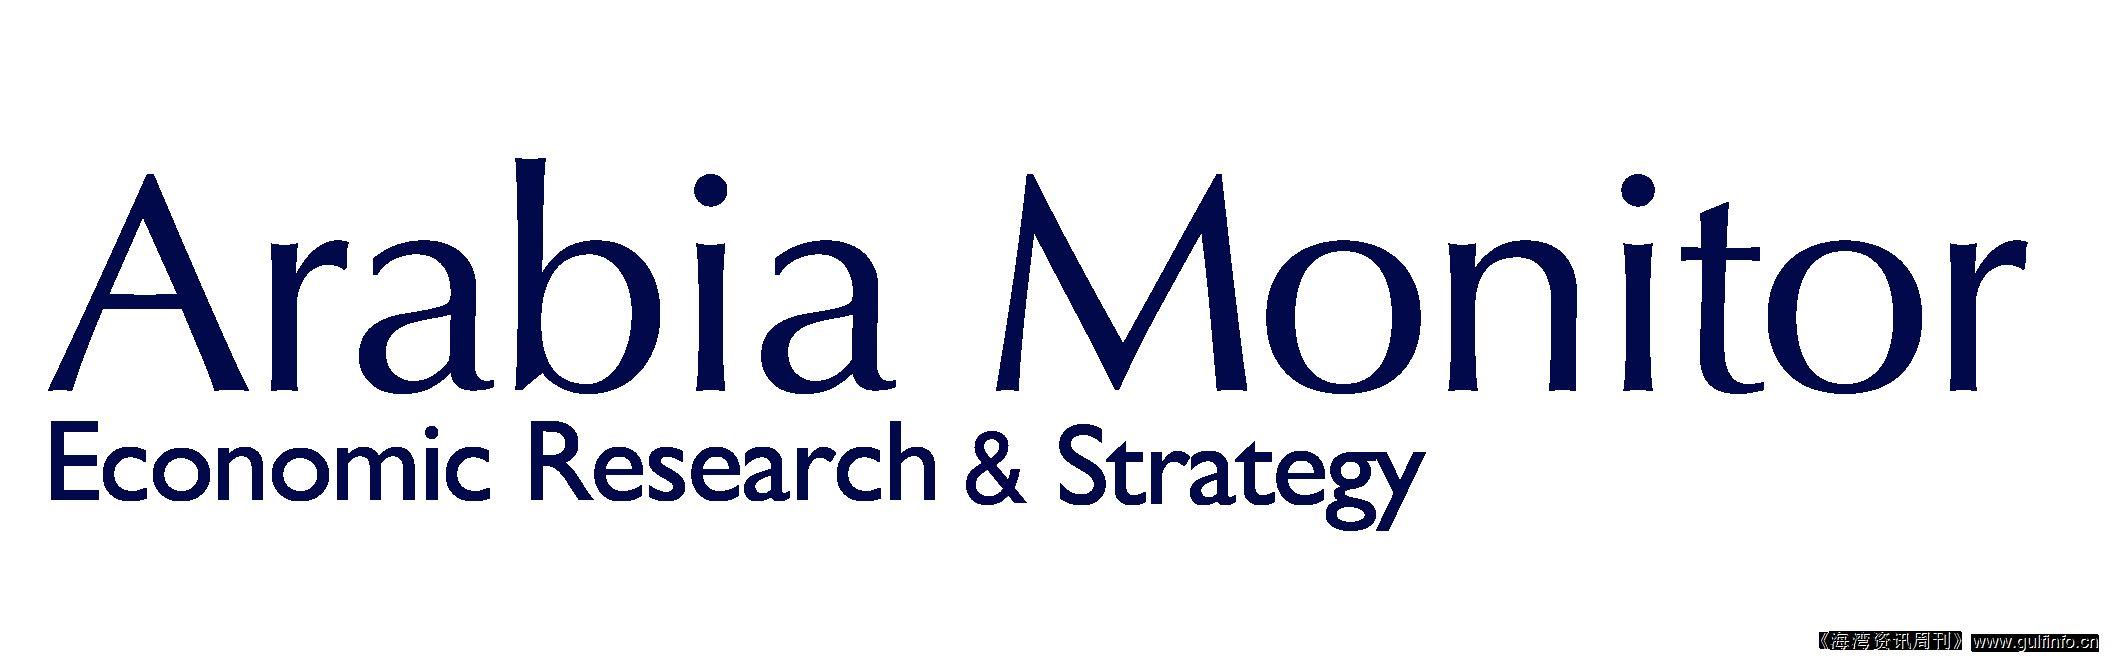 持续的不确定性以及新的可能性?- Arabia Monitor十二月电话会议 - 12月3日 星期三 迪拜时间 17.30